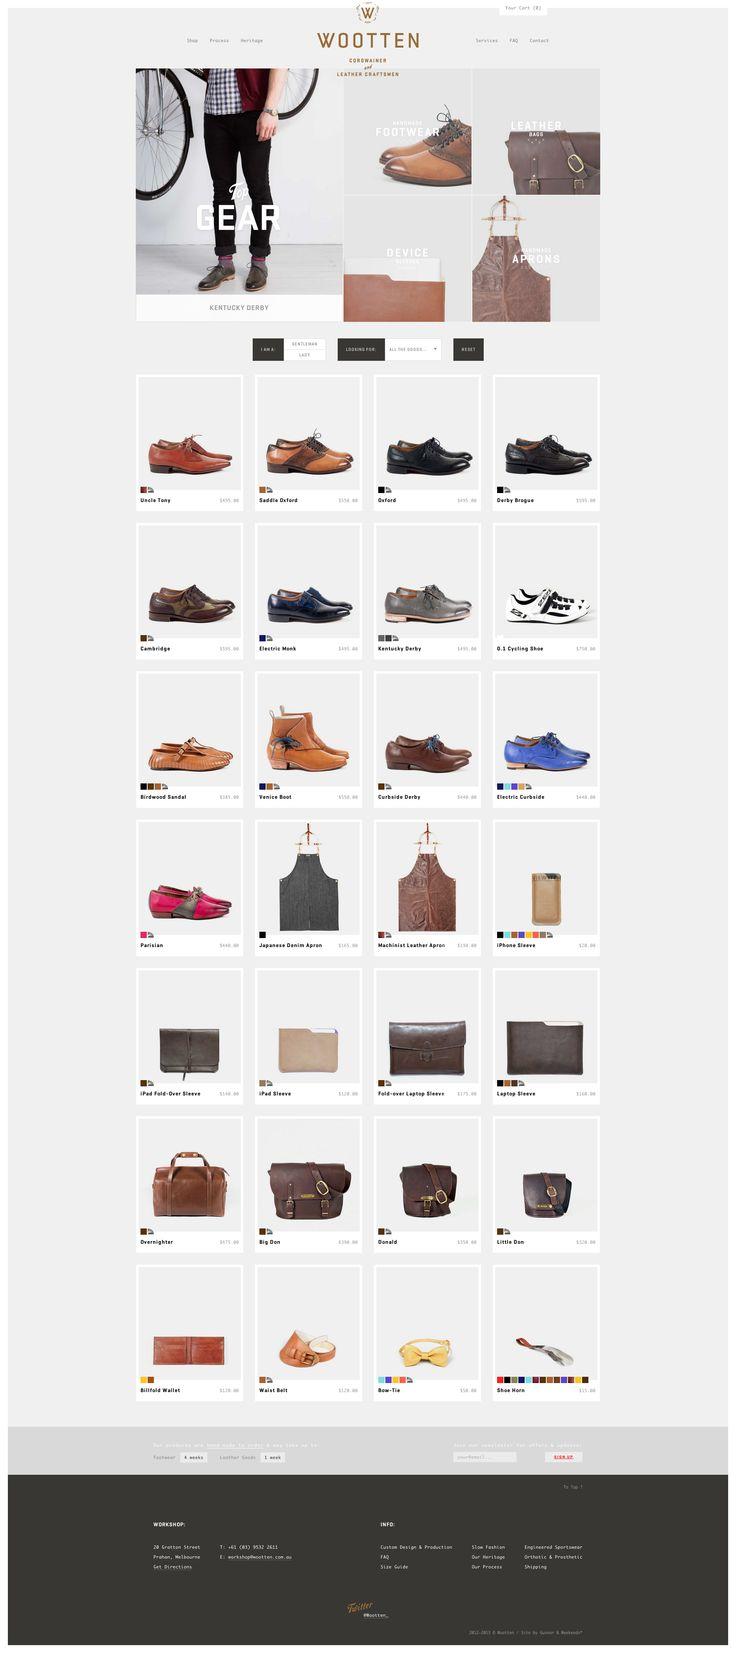 #websitedesign #webdesign #ecommerce #shop #fashion #footwear #shoes #grid #filters